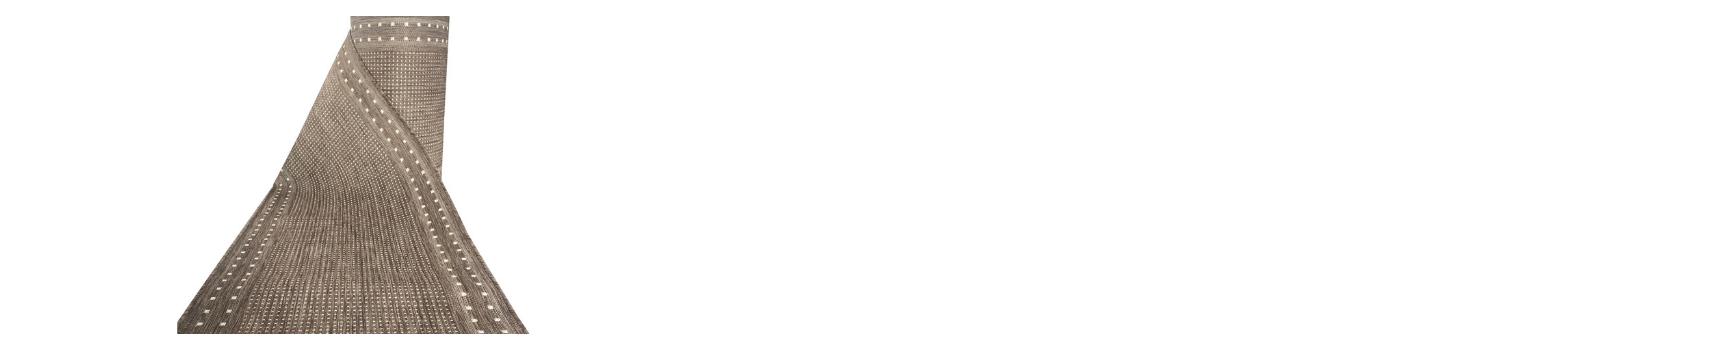 Špagane staze - Interijer Marko